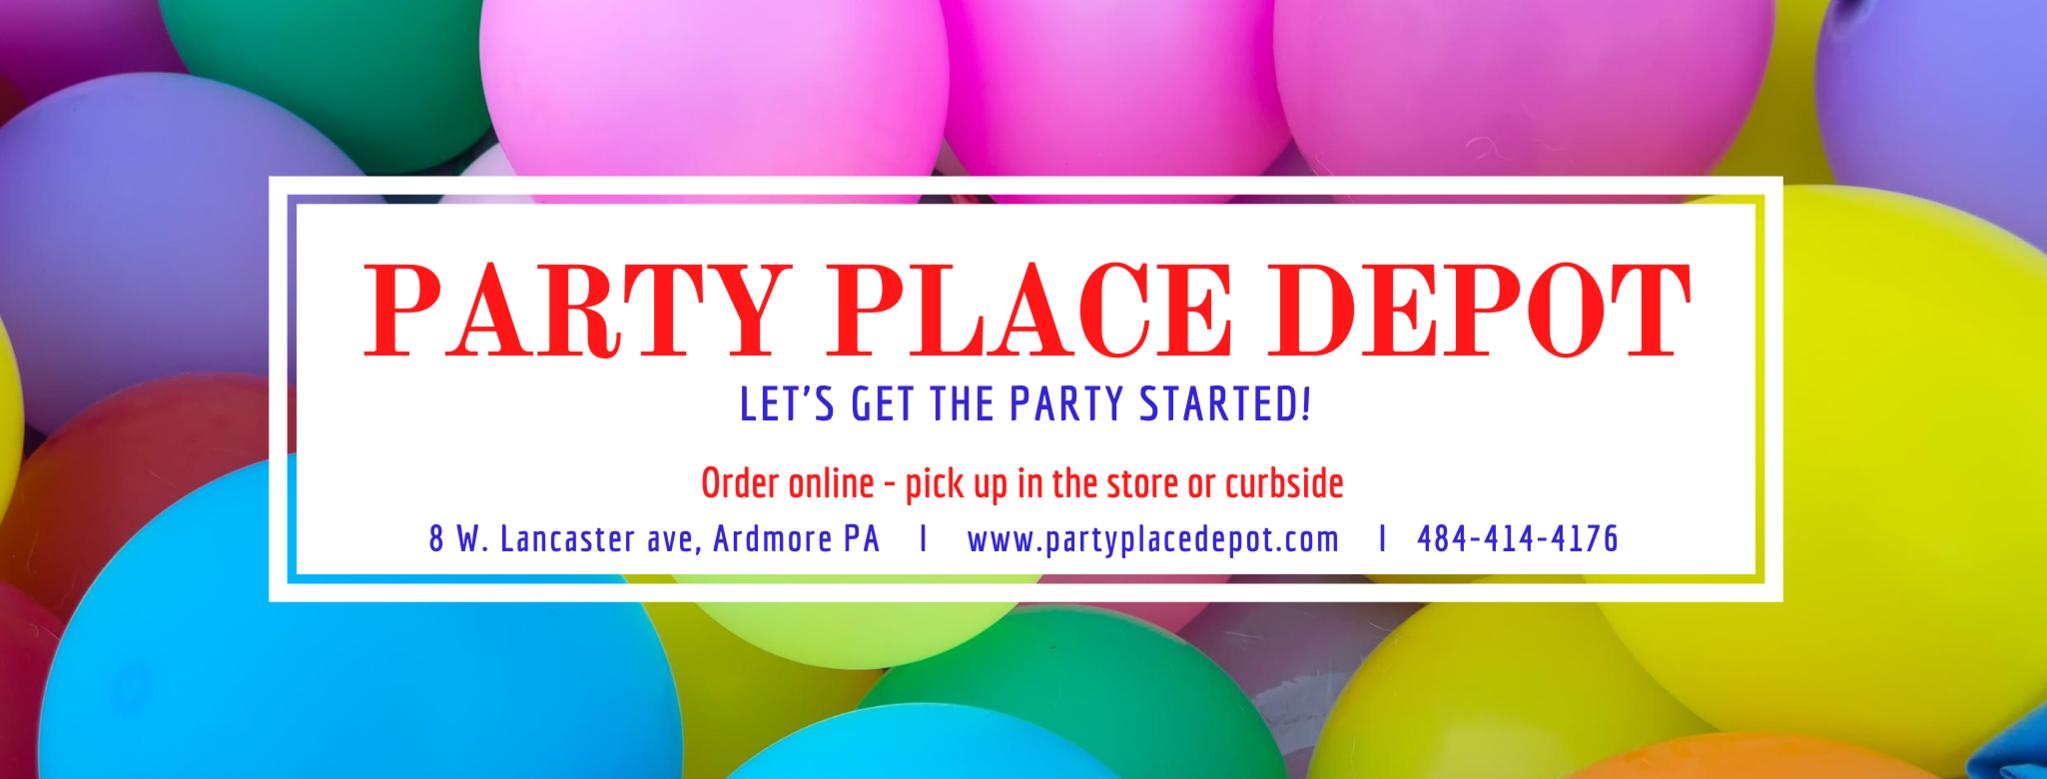 Parties Begin Here!